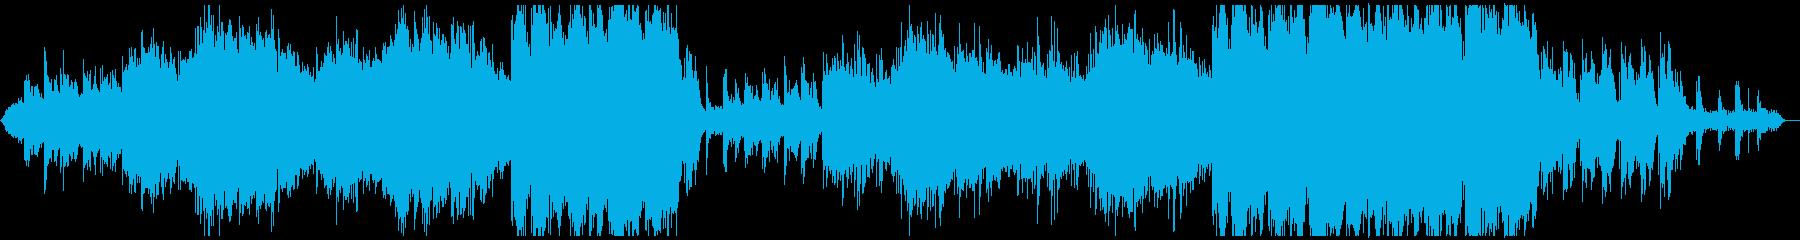 和楽器を使用した暗いアンビエント、映像にの再生済みの波形